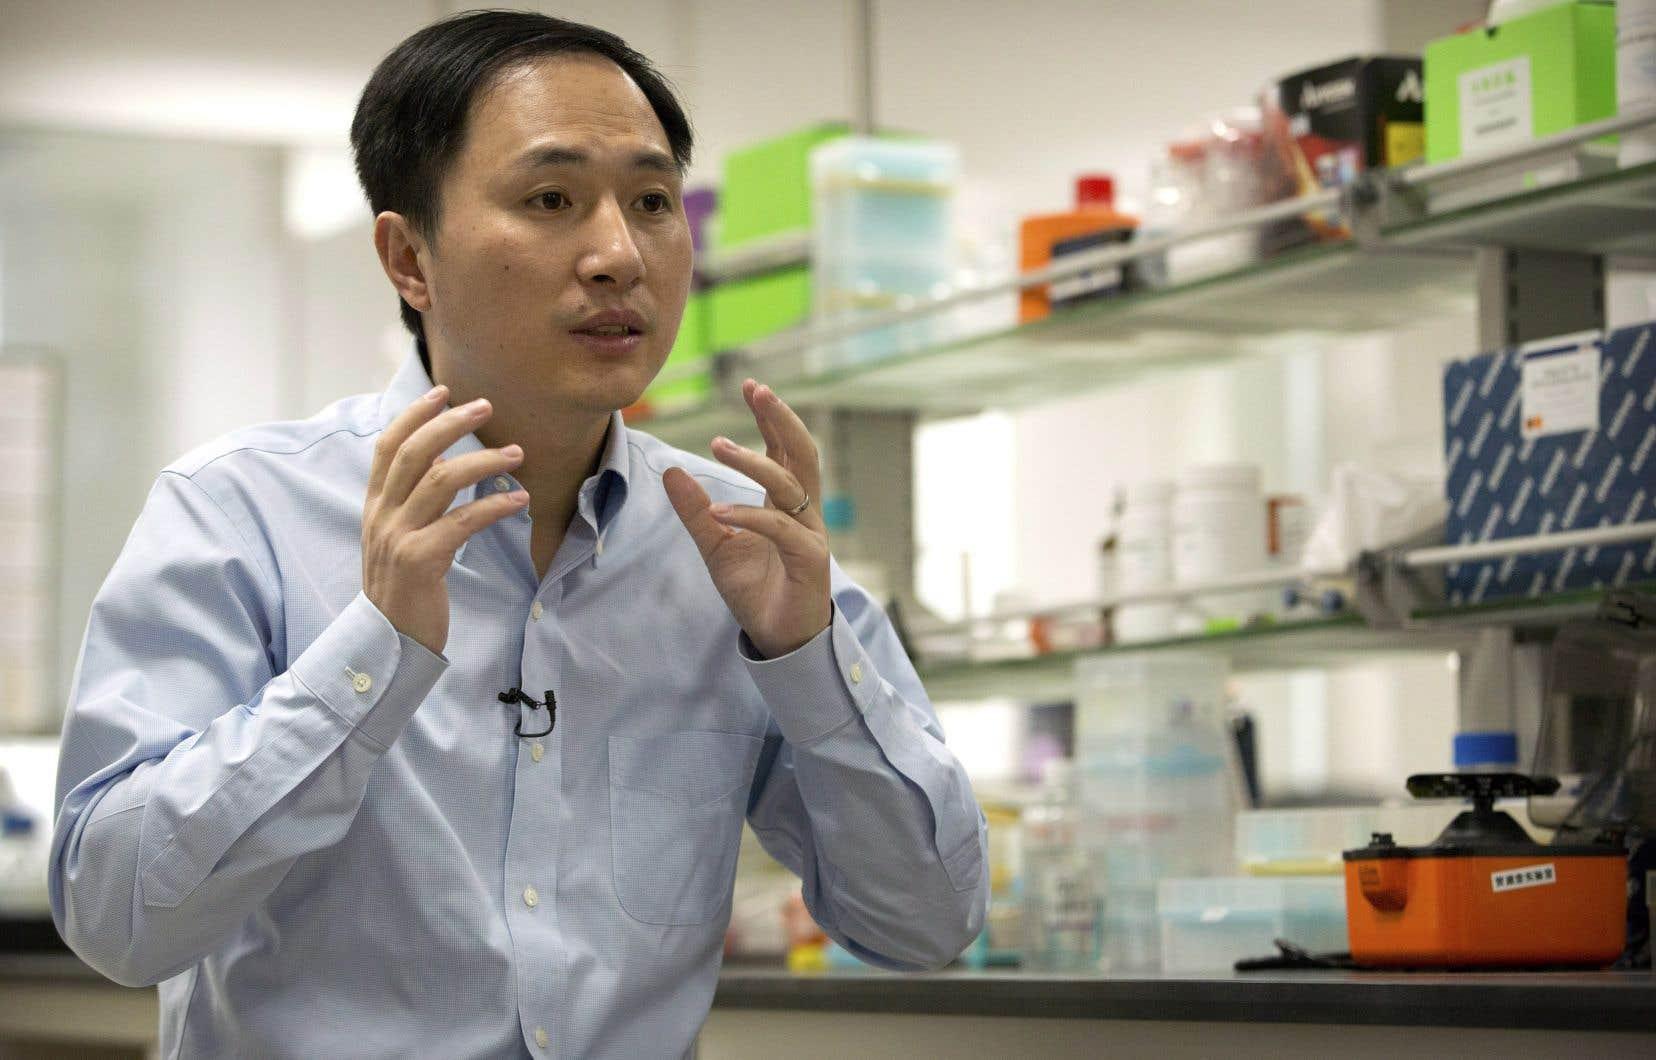 Le professeur d'université à ShenzhenHe Jiankua annoncé dans une vidéo diffusée lundi la naissance de deux jumelles dont l'ADN a été modifié pour les rendre résistantes au virus du sida.